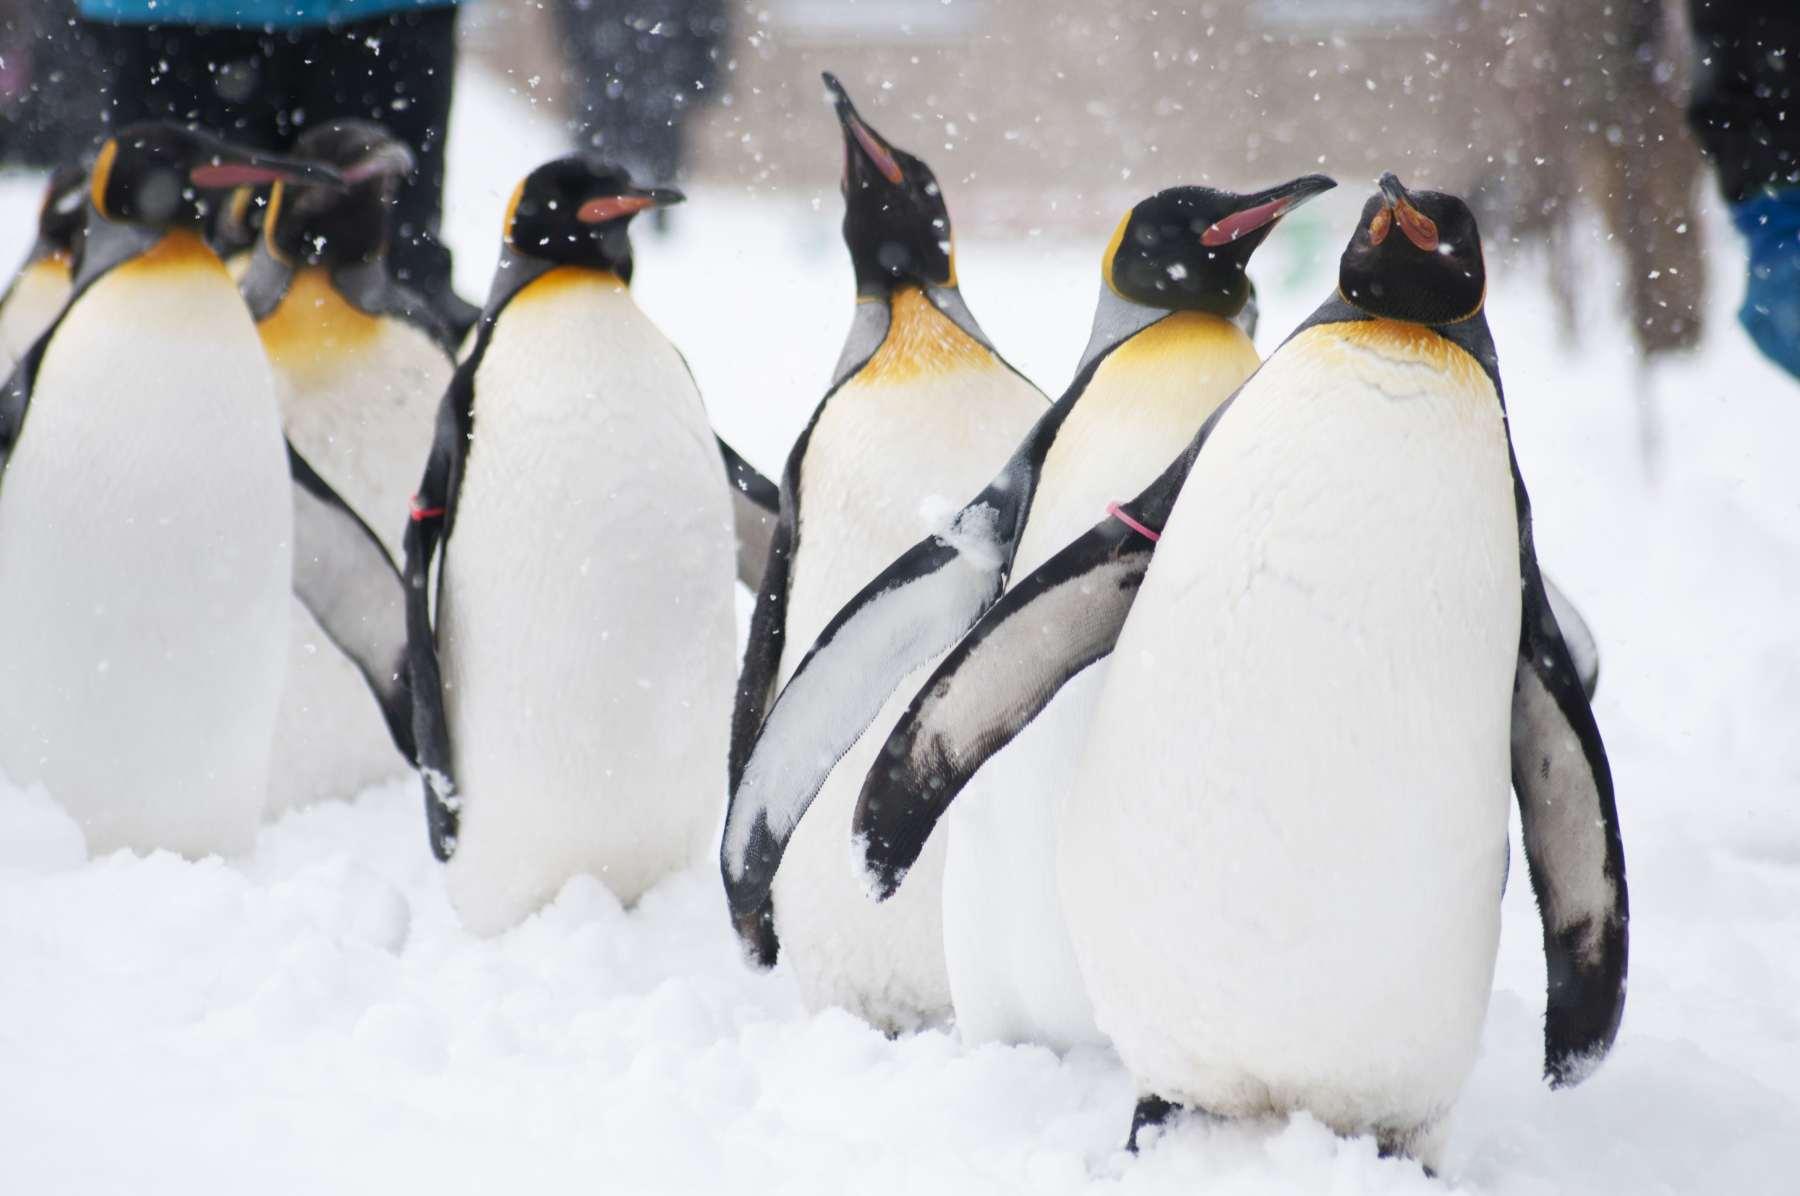 Tierfotografie von Kaiserpinguinen im Schnee